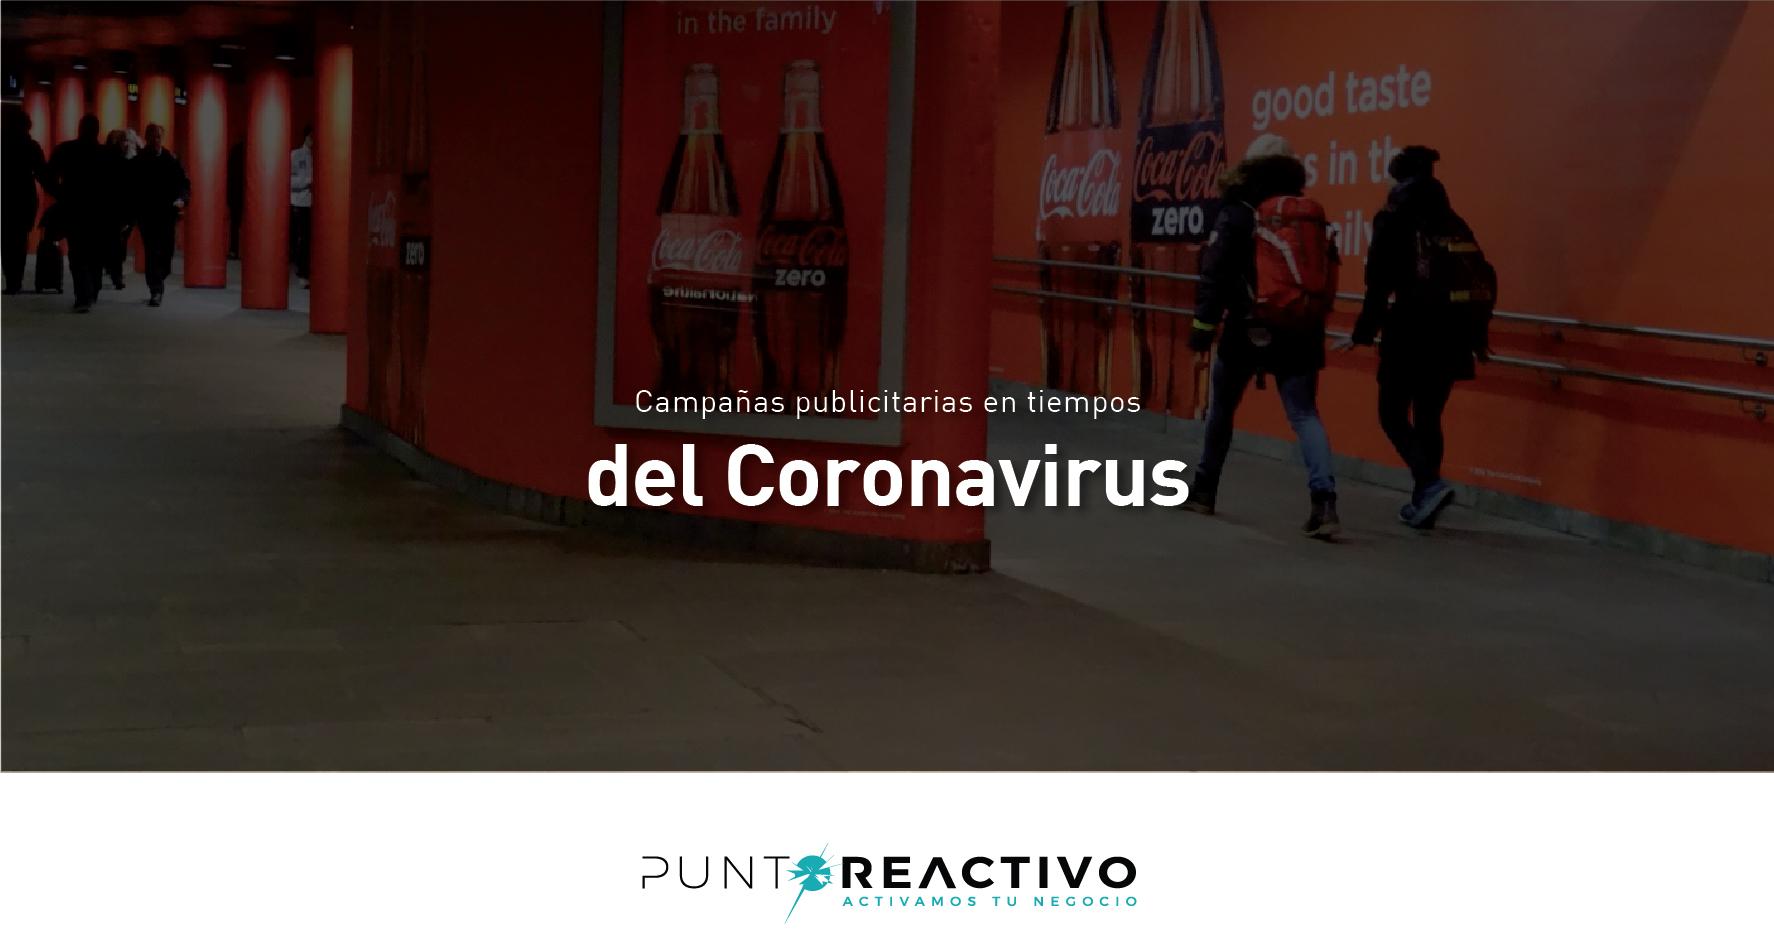 Campañas publicitarias en tiempos del Coronavirus